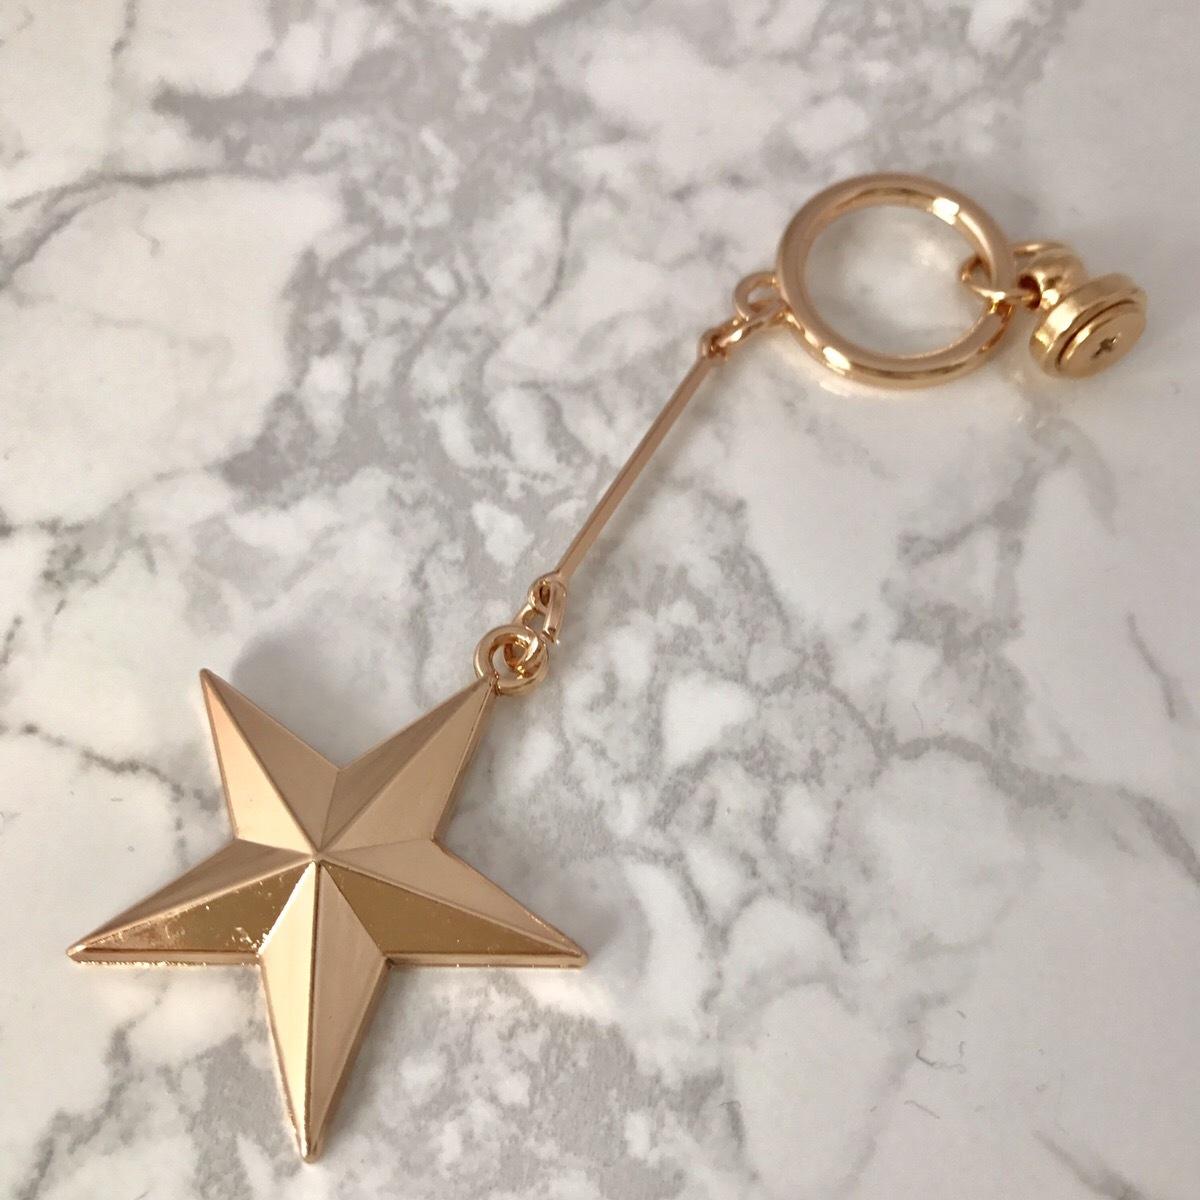 【送料無料】シンプルなスターゴールドチャーム 手作り デコ パーツ ハンドメイド iPhoneケース